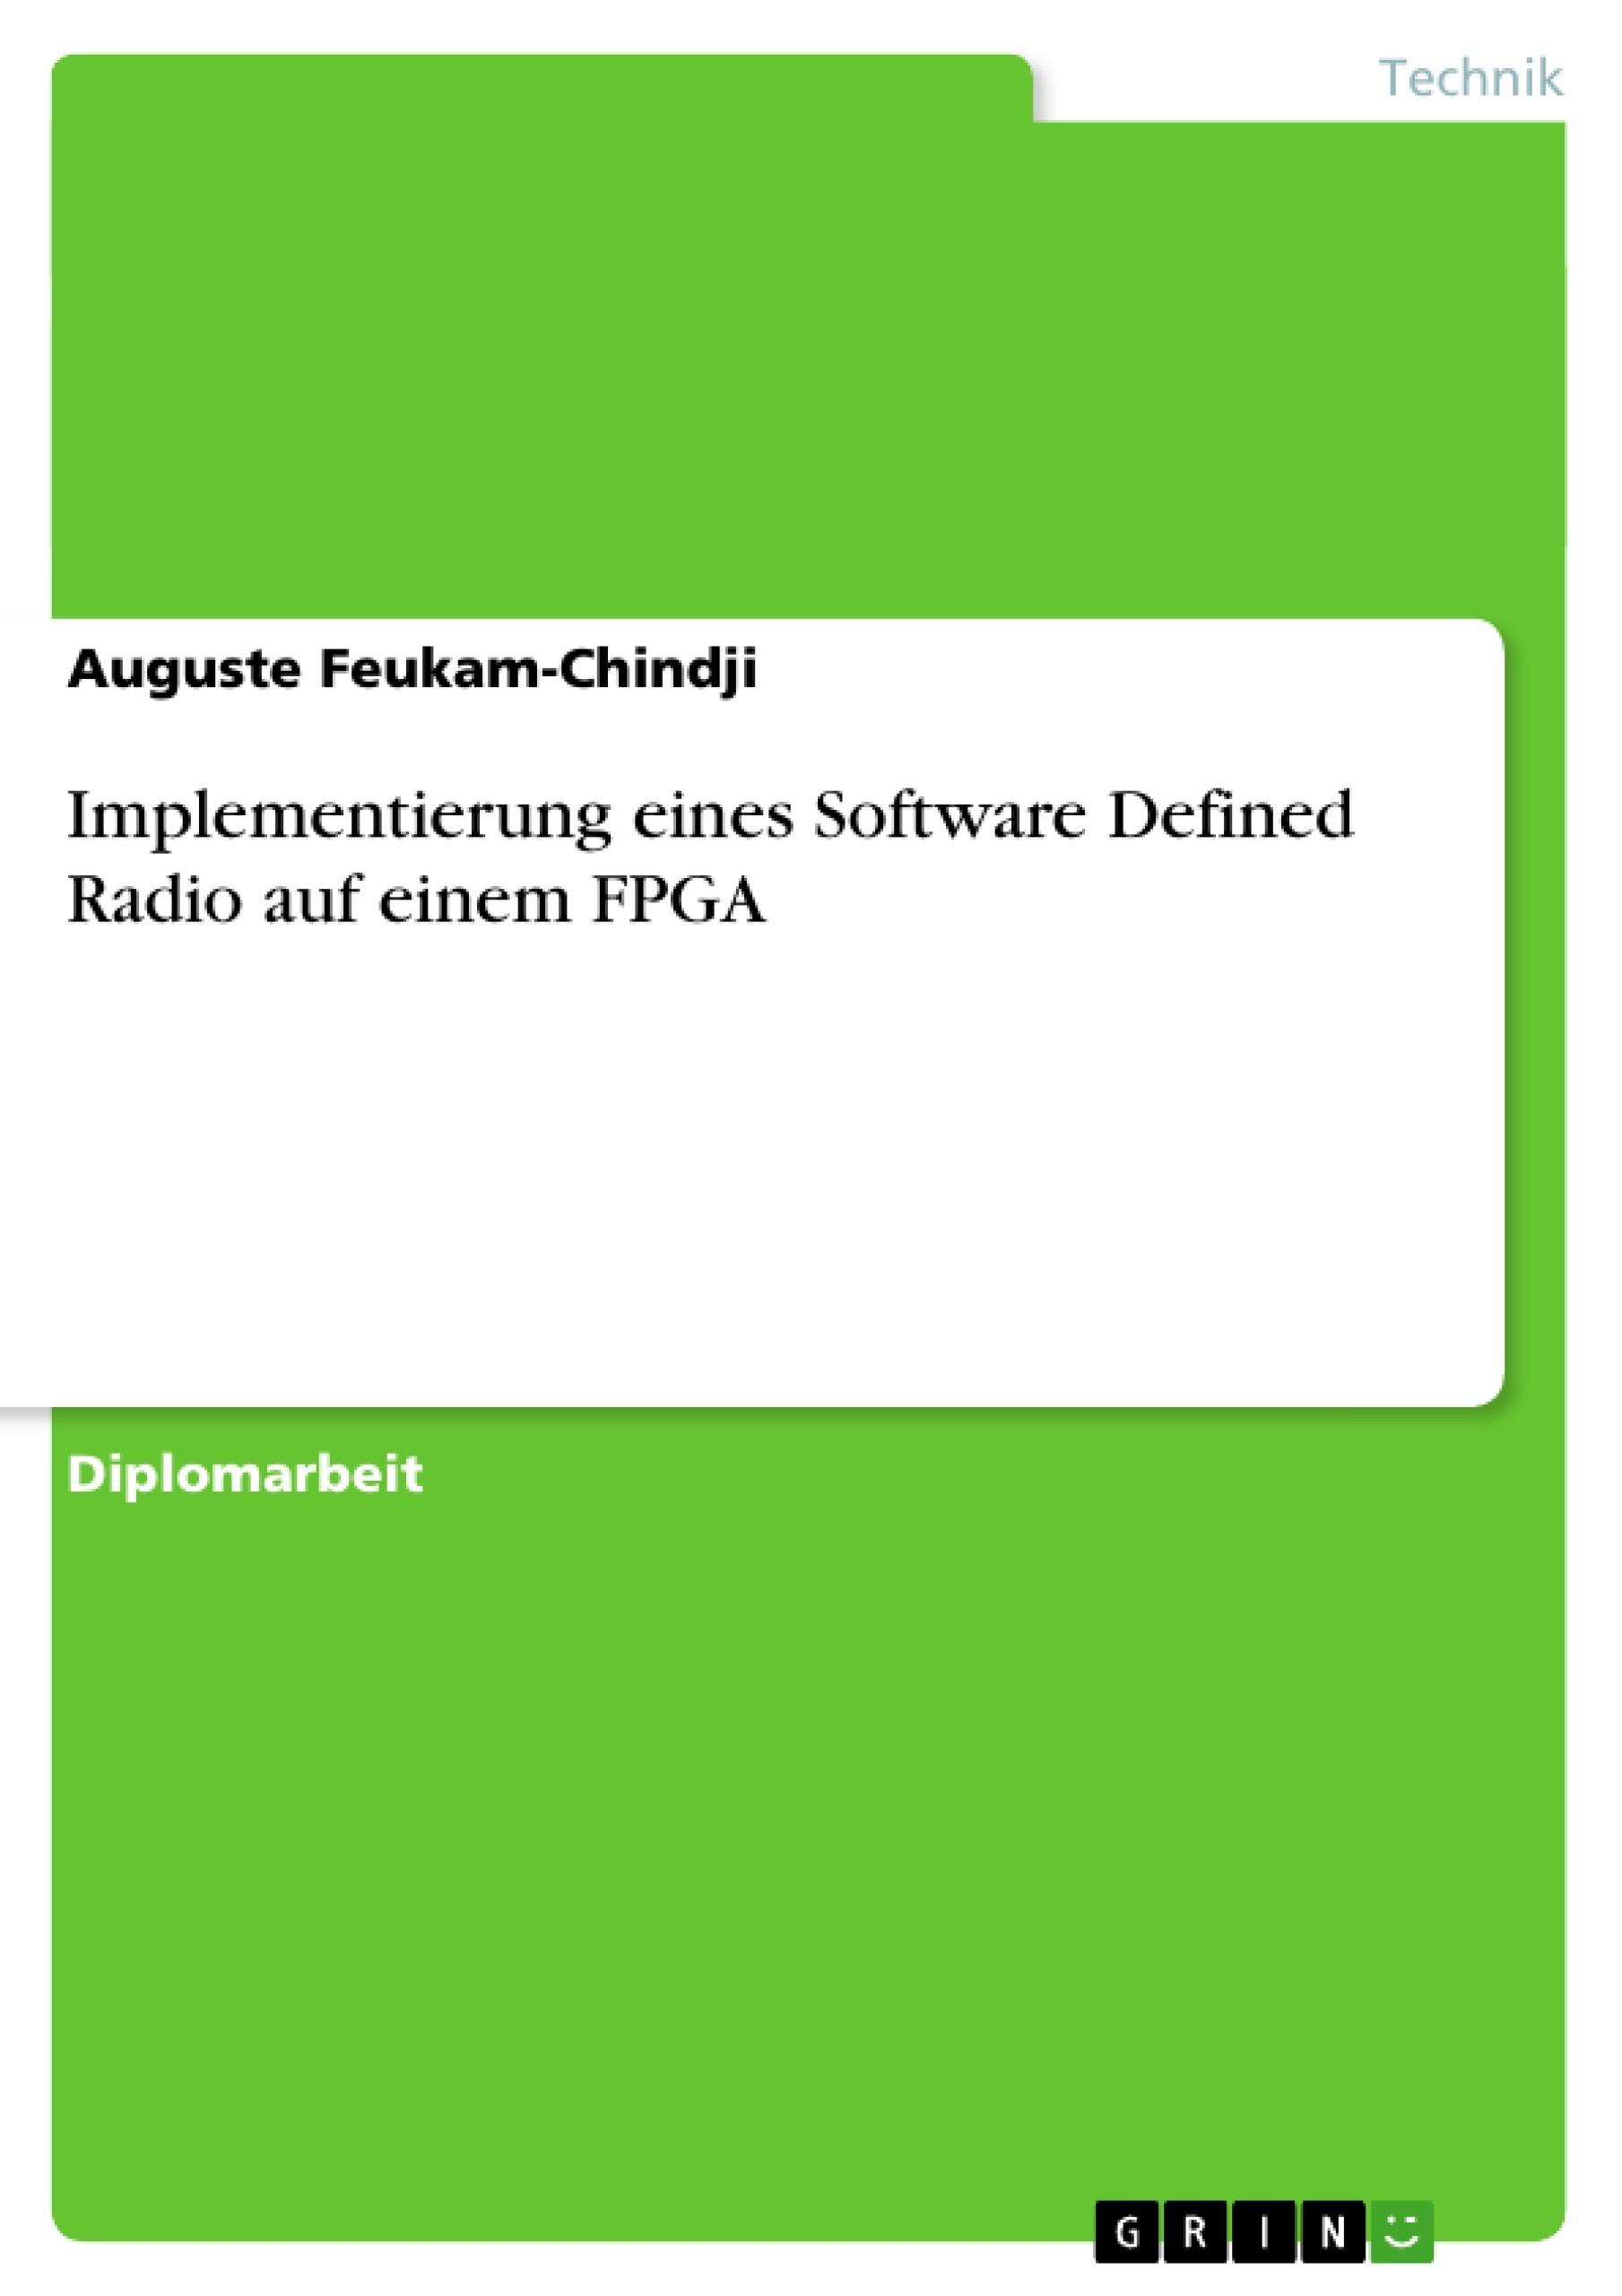 Titel: Implementierung eines Software Defined Radio auf einem FPGA